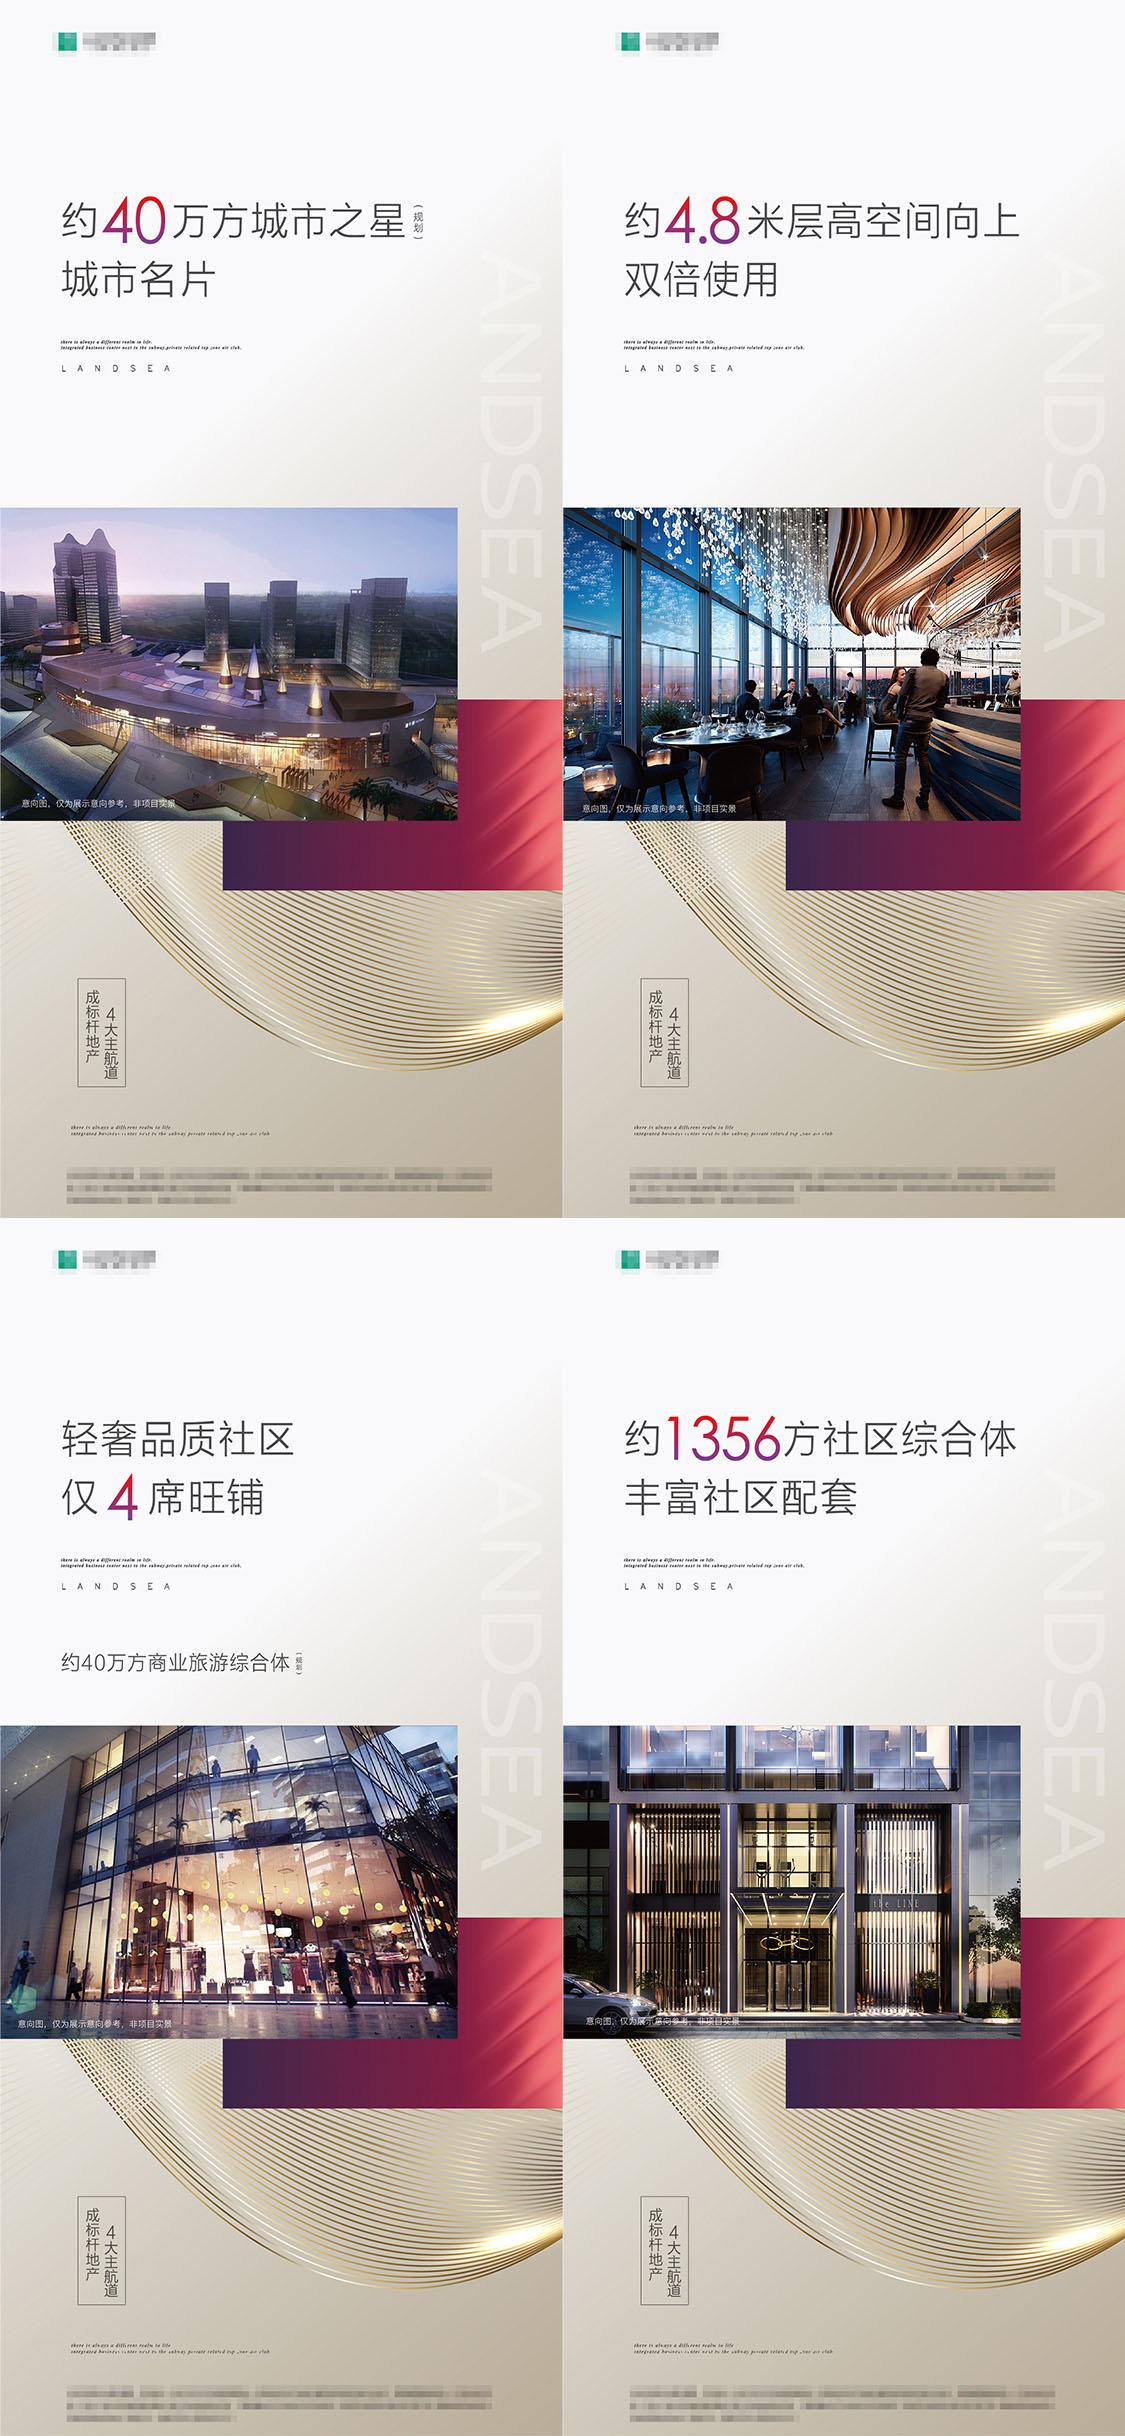 房地产价值点卖点系列海报PSD源文件插图